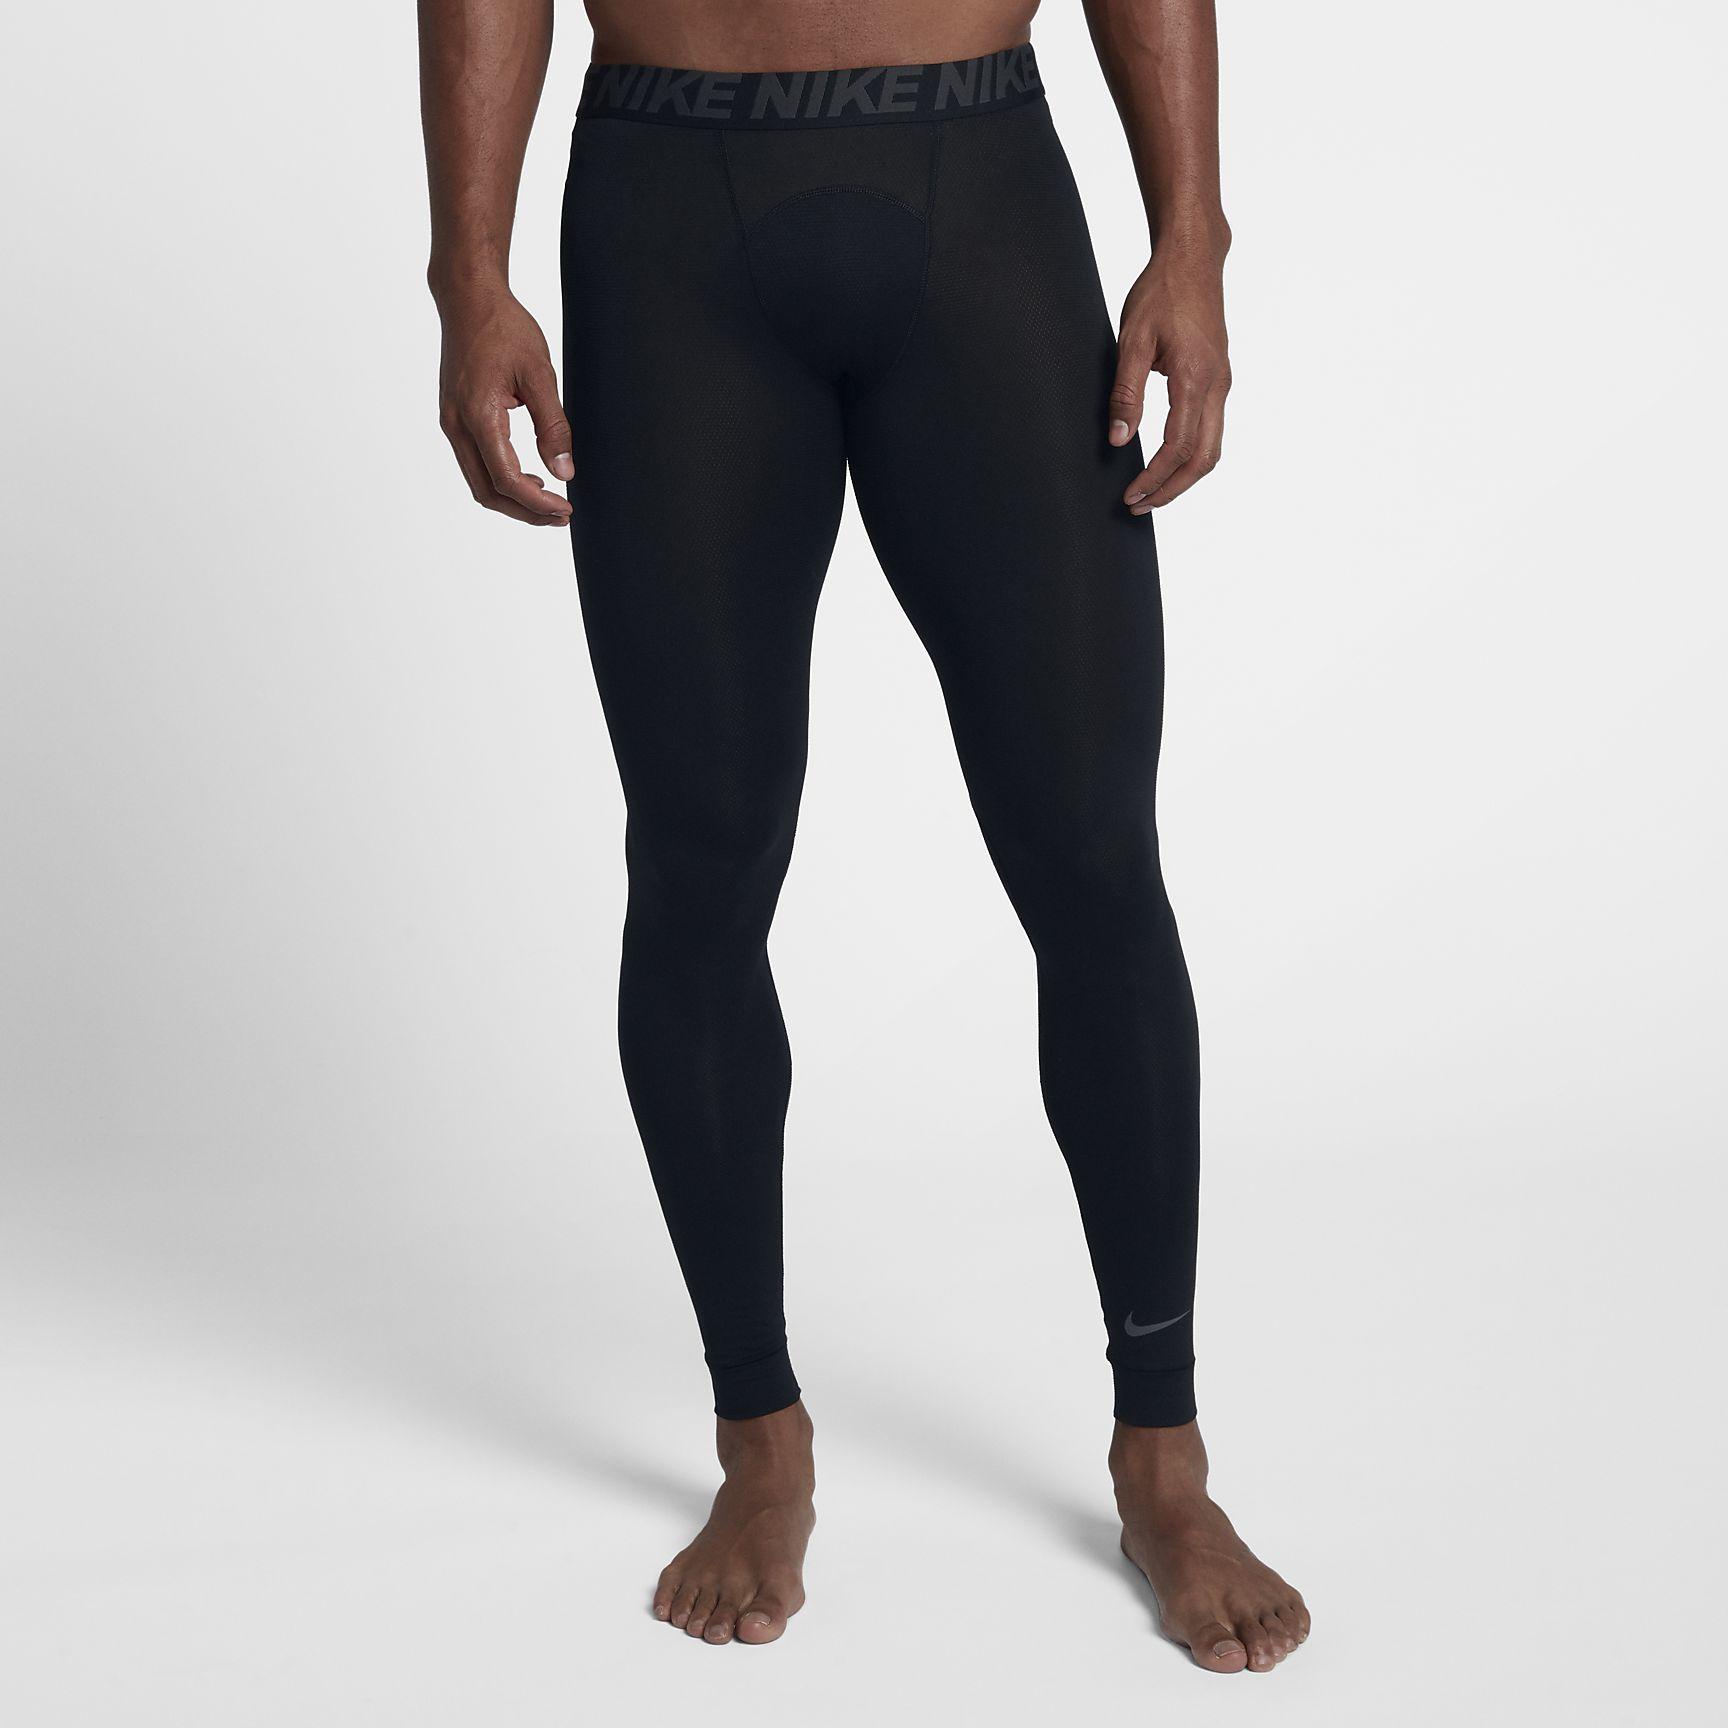 via Nike.com